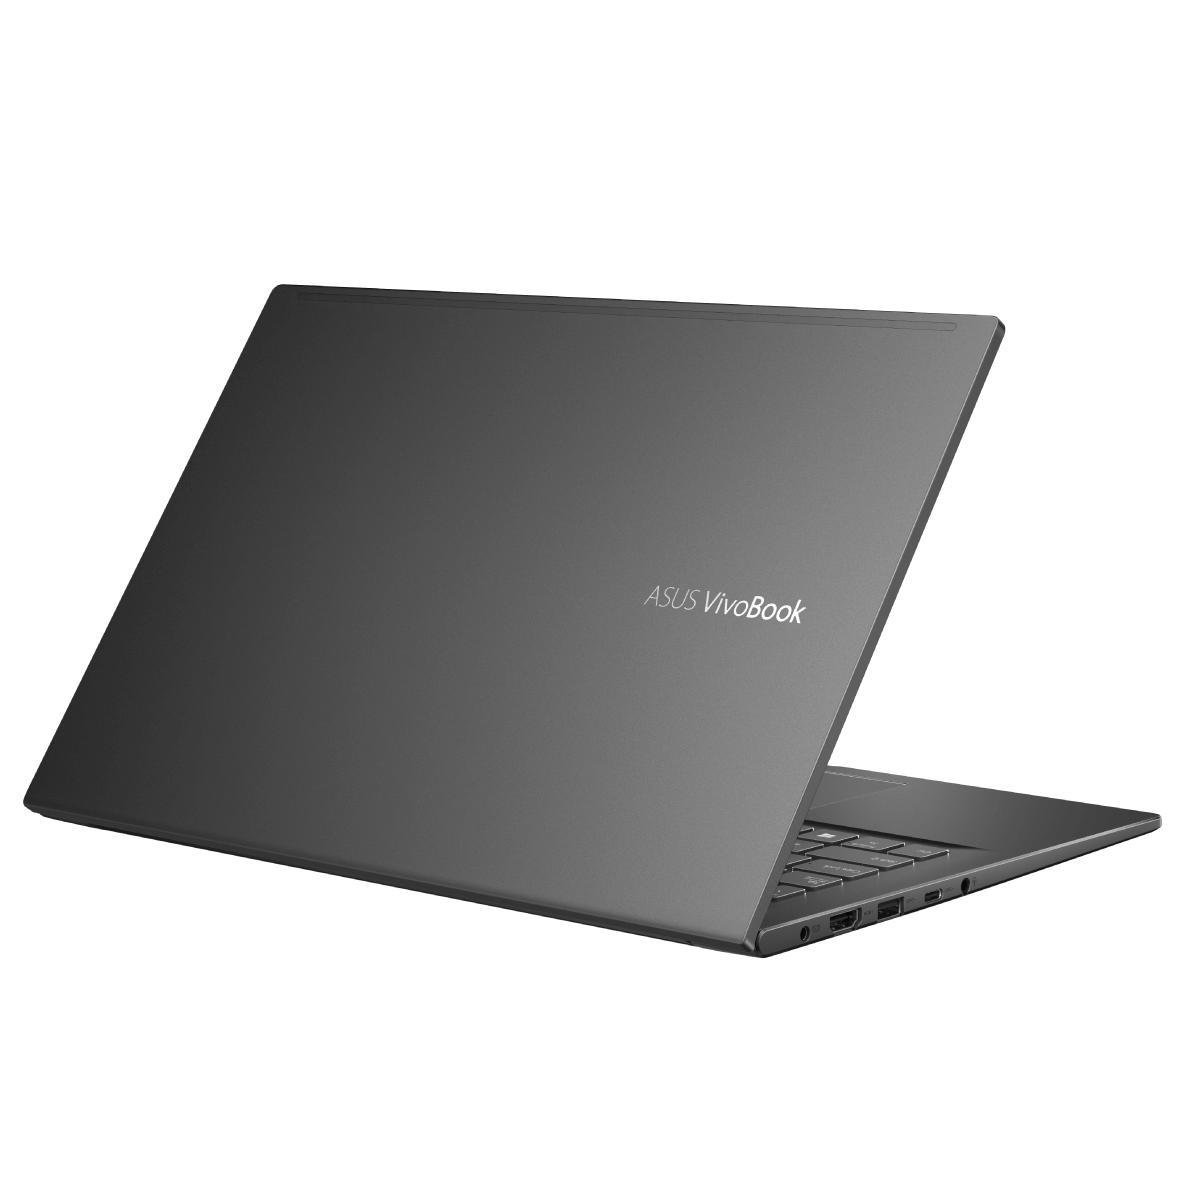 ASUS VivoBook 14 - S14 (i5, Indie Black)